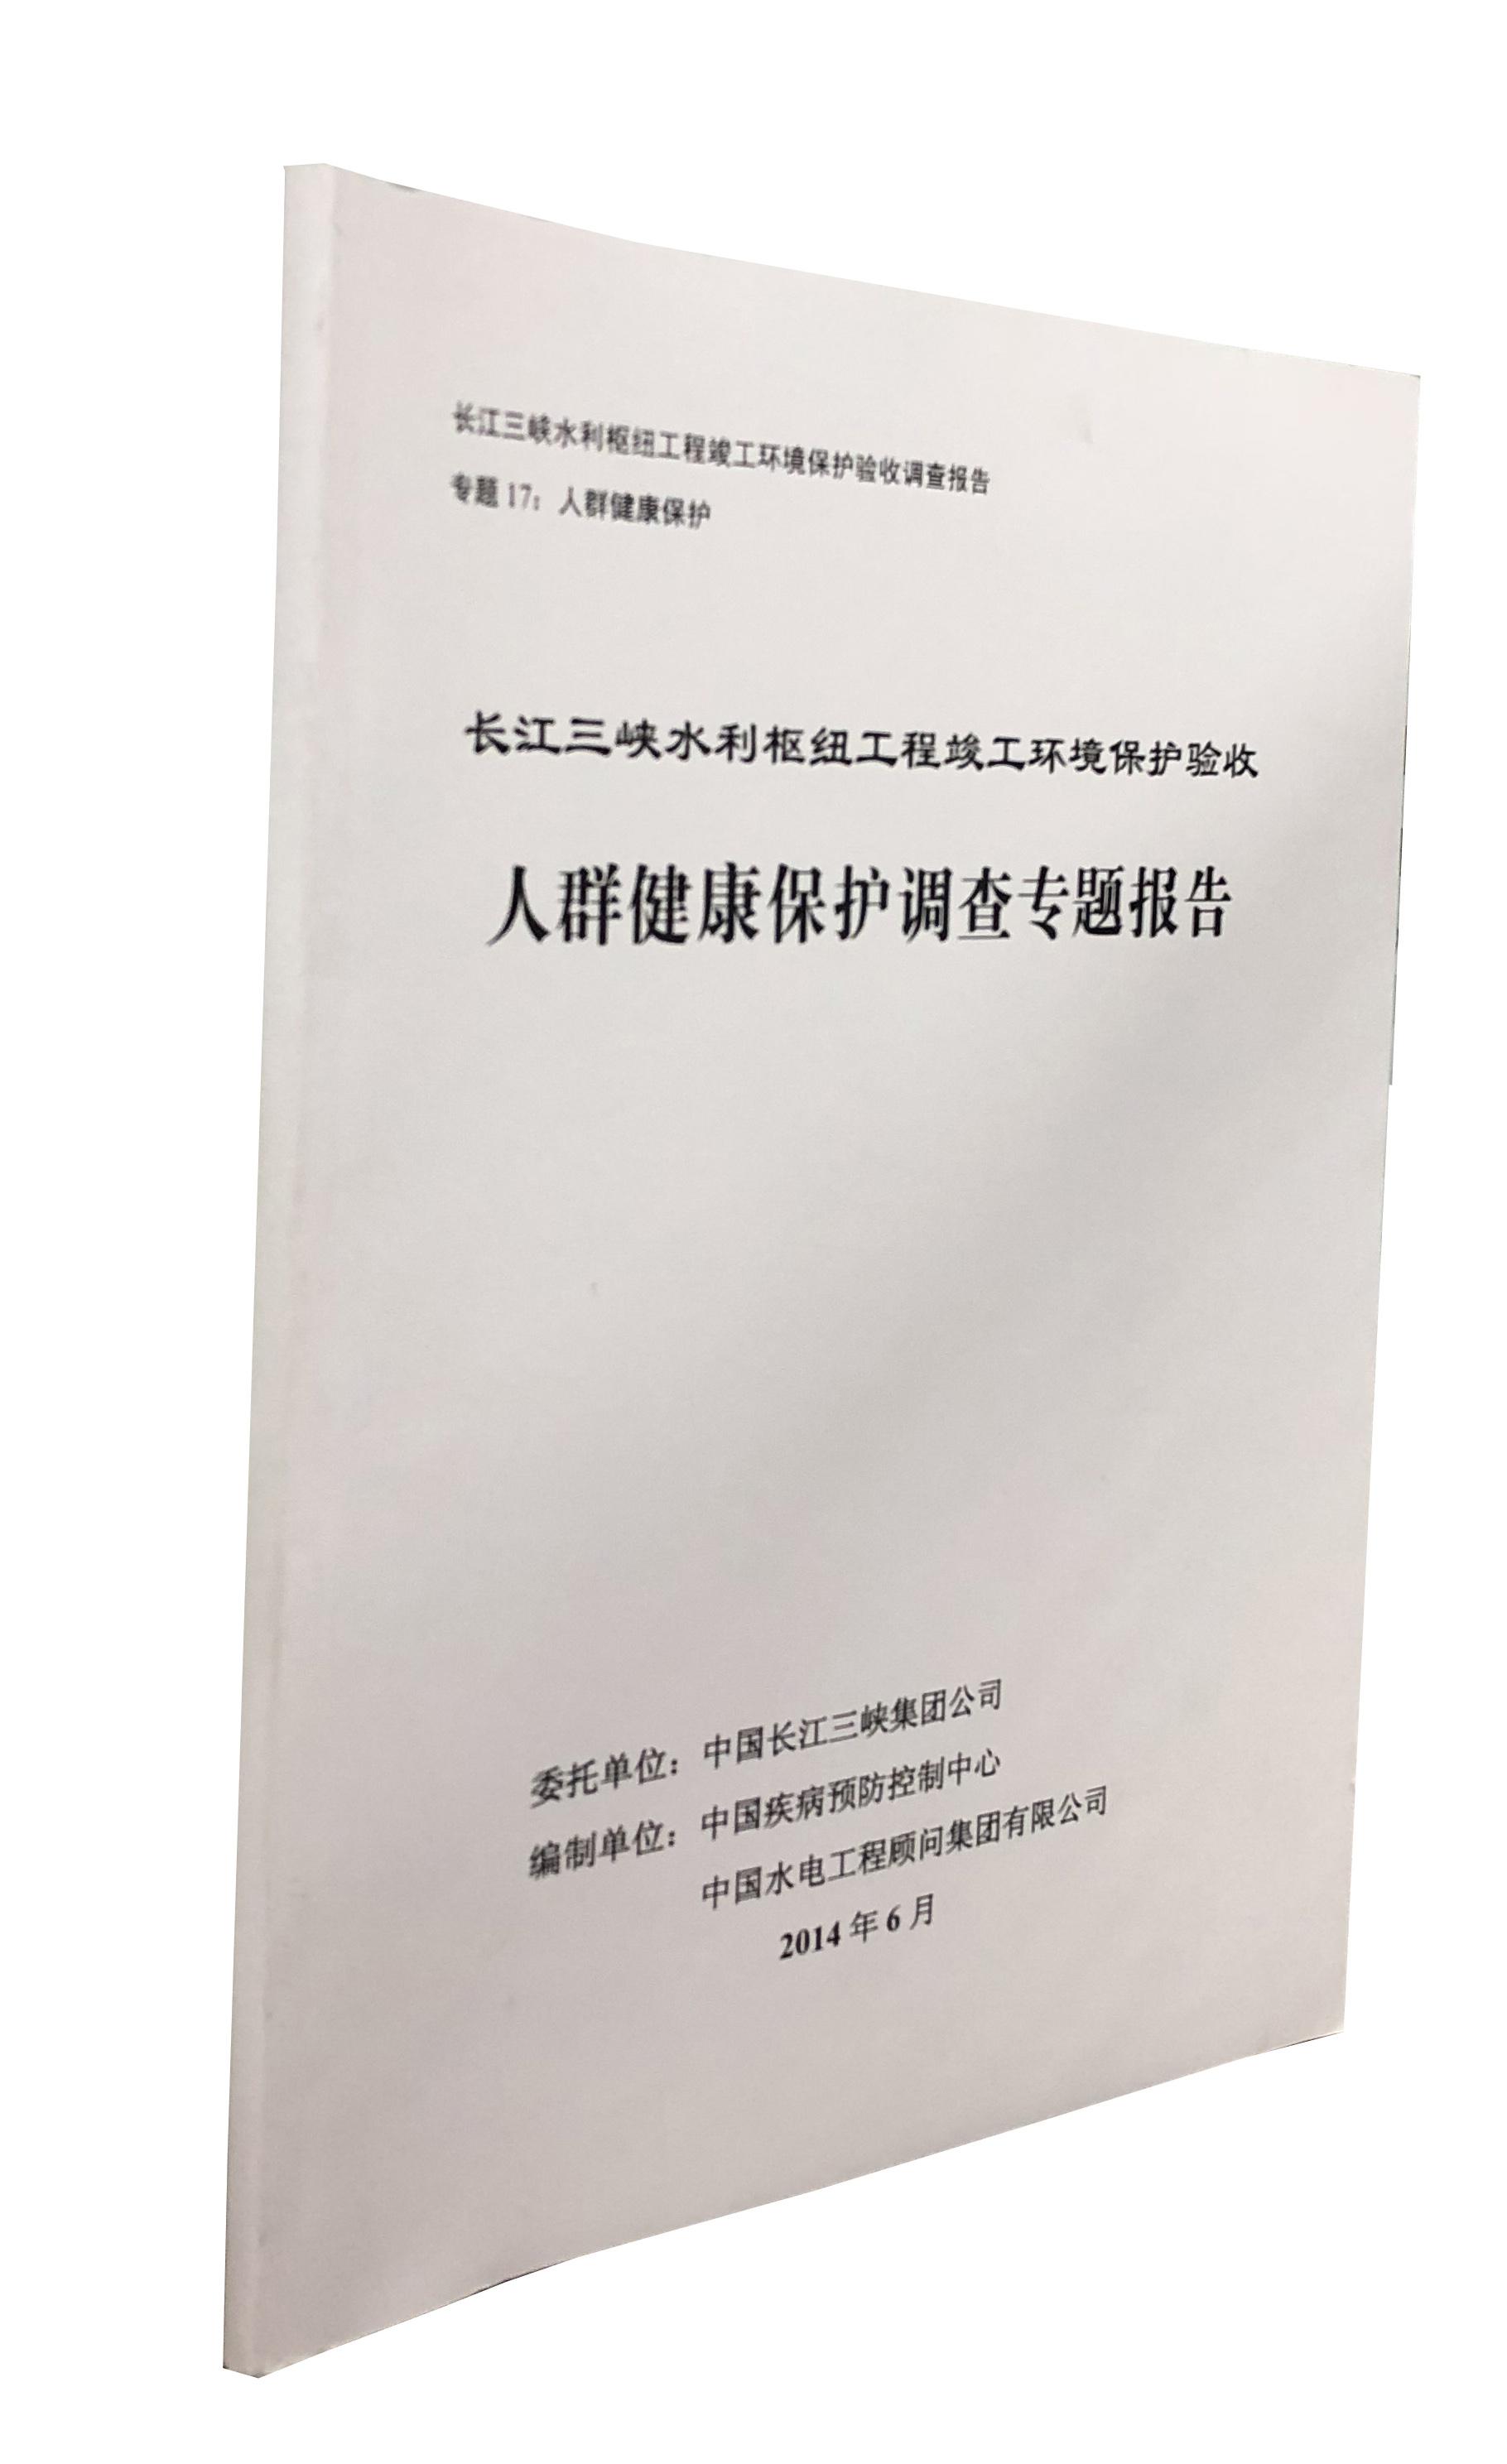 长江三峡水利枢纽工程竣工环境保护验收-人群健康保护调查专题报告